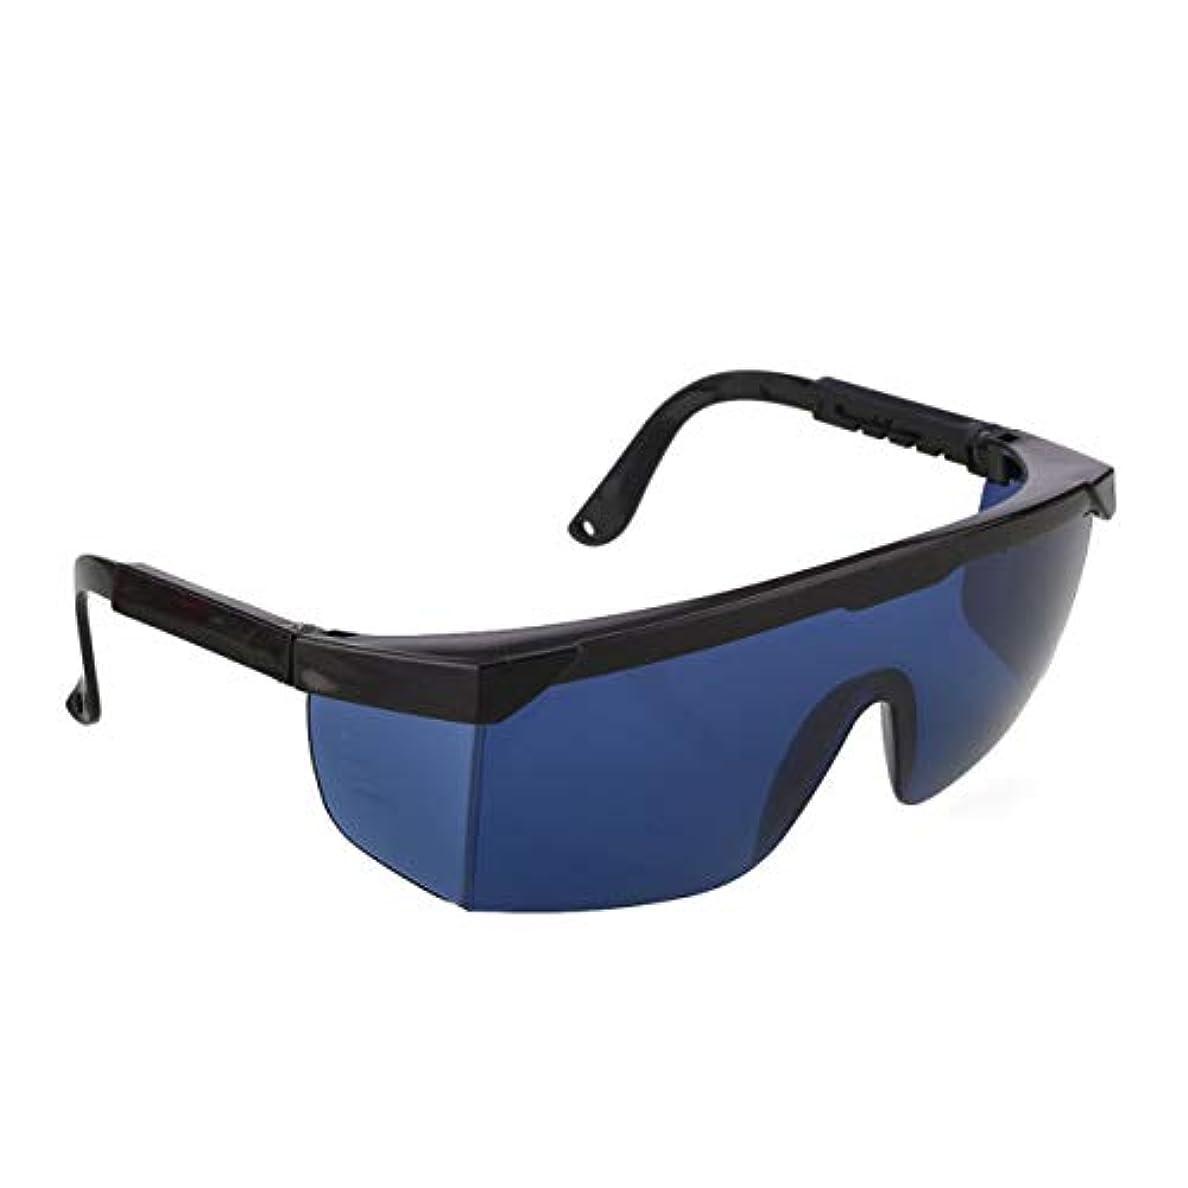 転送プレート人生を作るSaikogoods 除毛クリーム ポイント脱毛保護メガネユニバーサルゴーグル眼鏡を凍結IPL/E-光OPTのためのレーザー保護メガネ 青